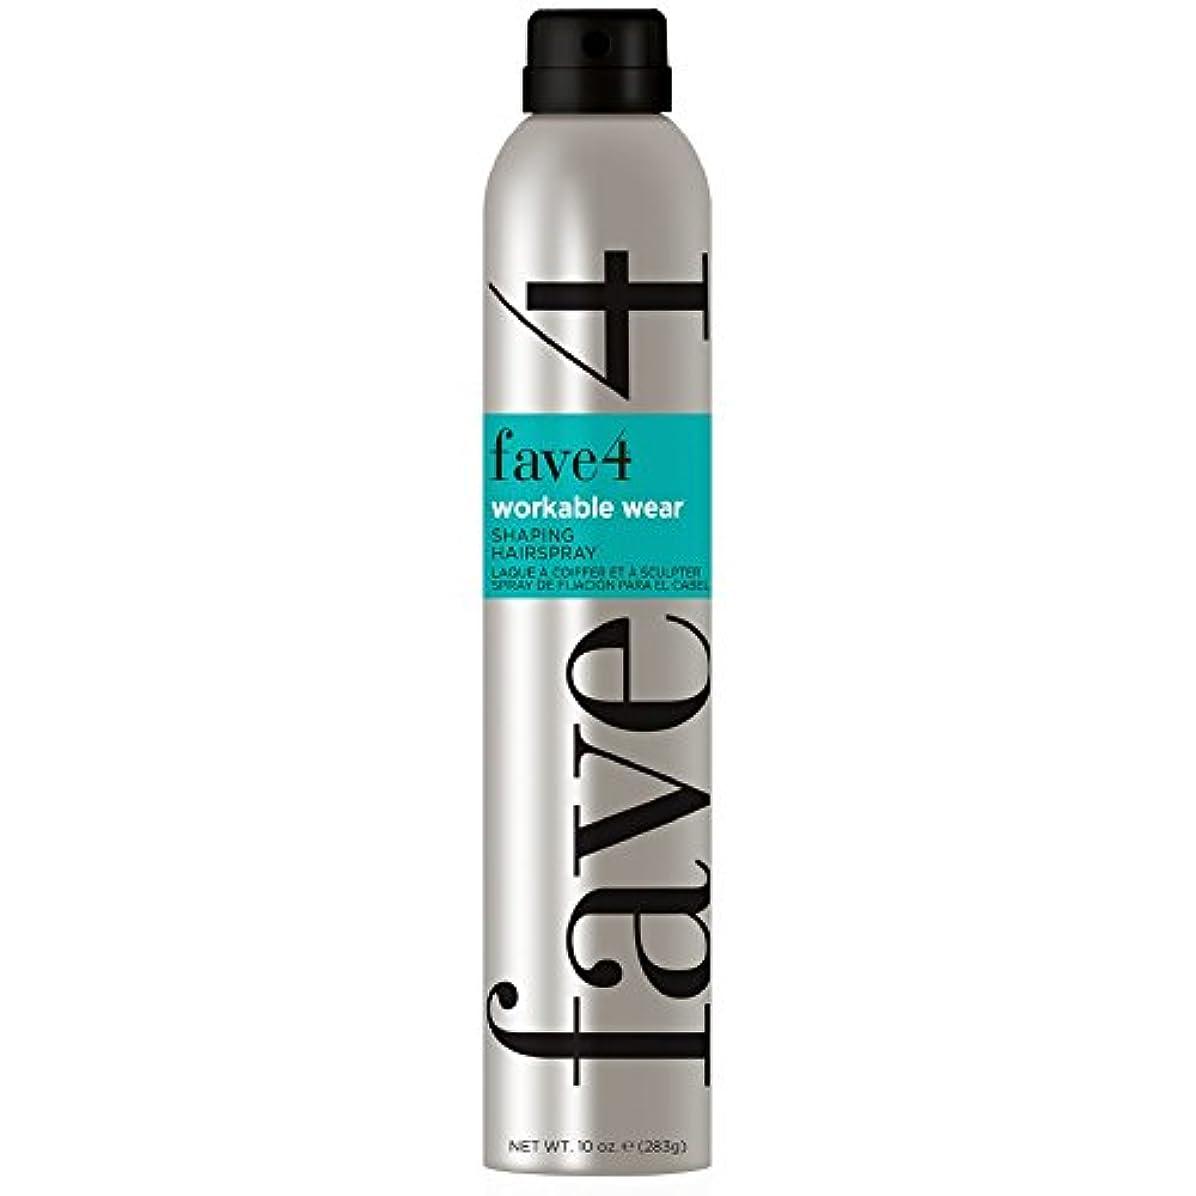 芝生穴狂信者fave4 実用服シェーピングヘアスプレー - 硫酸無料|パラベンフリー|グルテンフリー|虐待無料|色処理した毛髪、10オンスのための安全な 10オンス